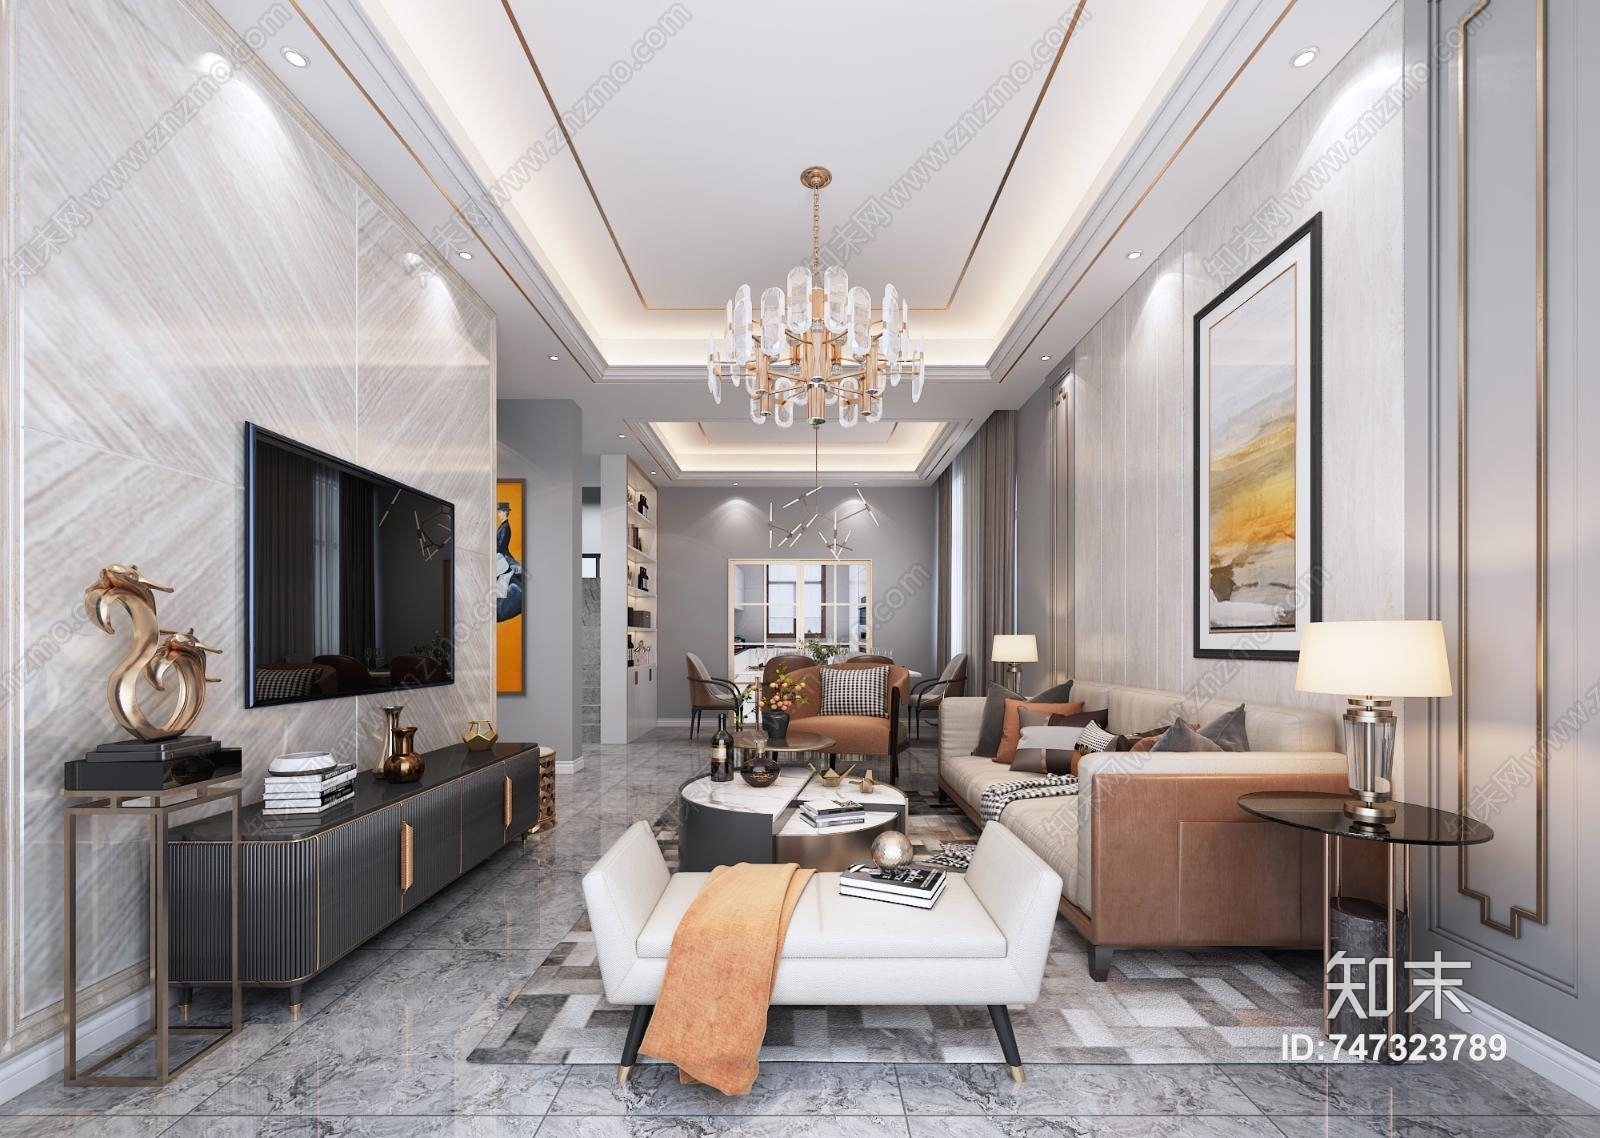 现代轻奢客厅 沙发茶几 电视柜 吊灯 窗帘 挂画 地毯